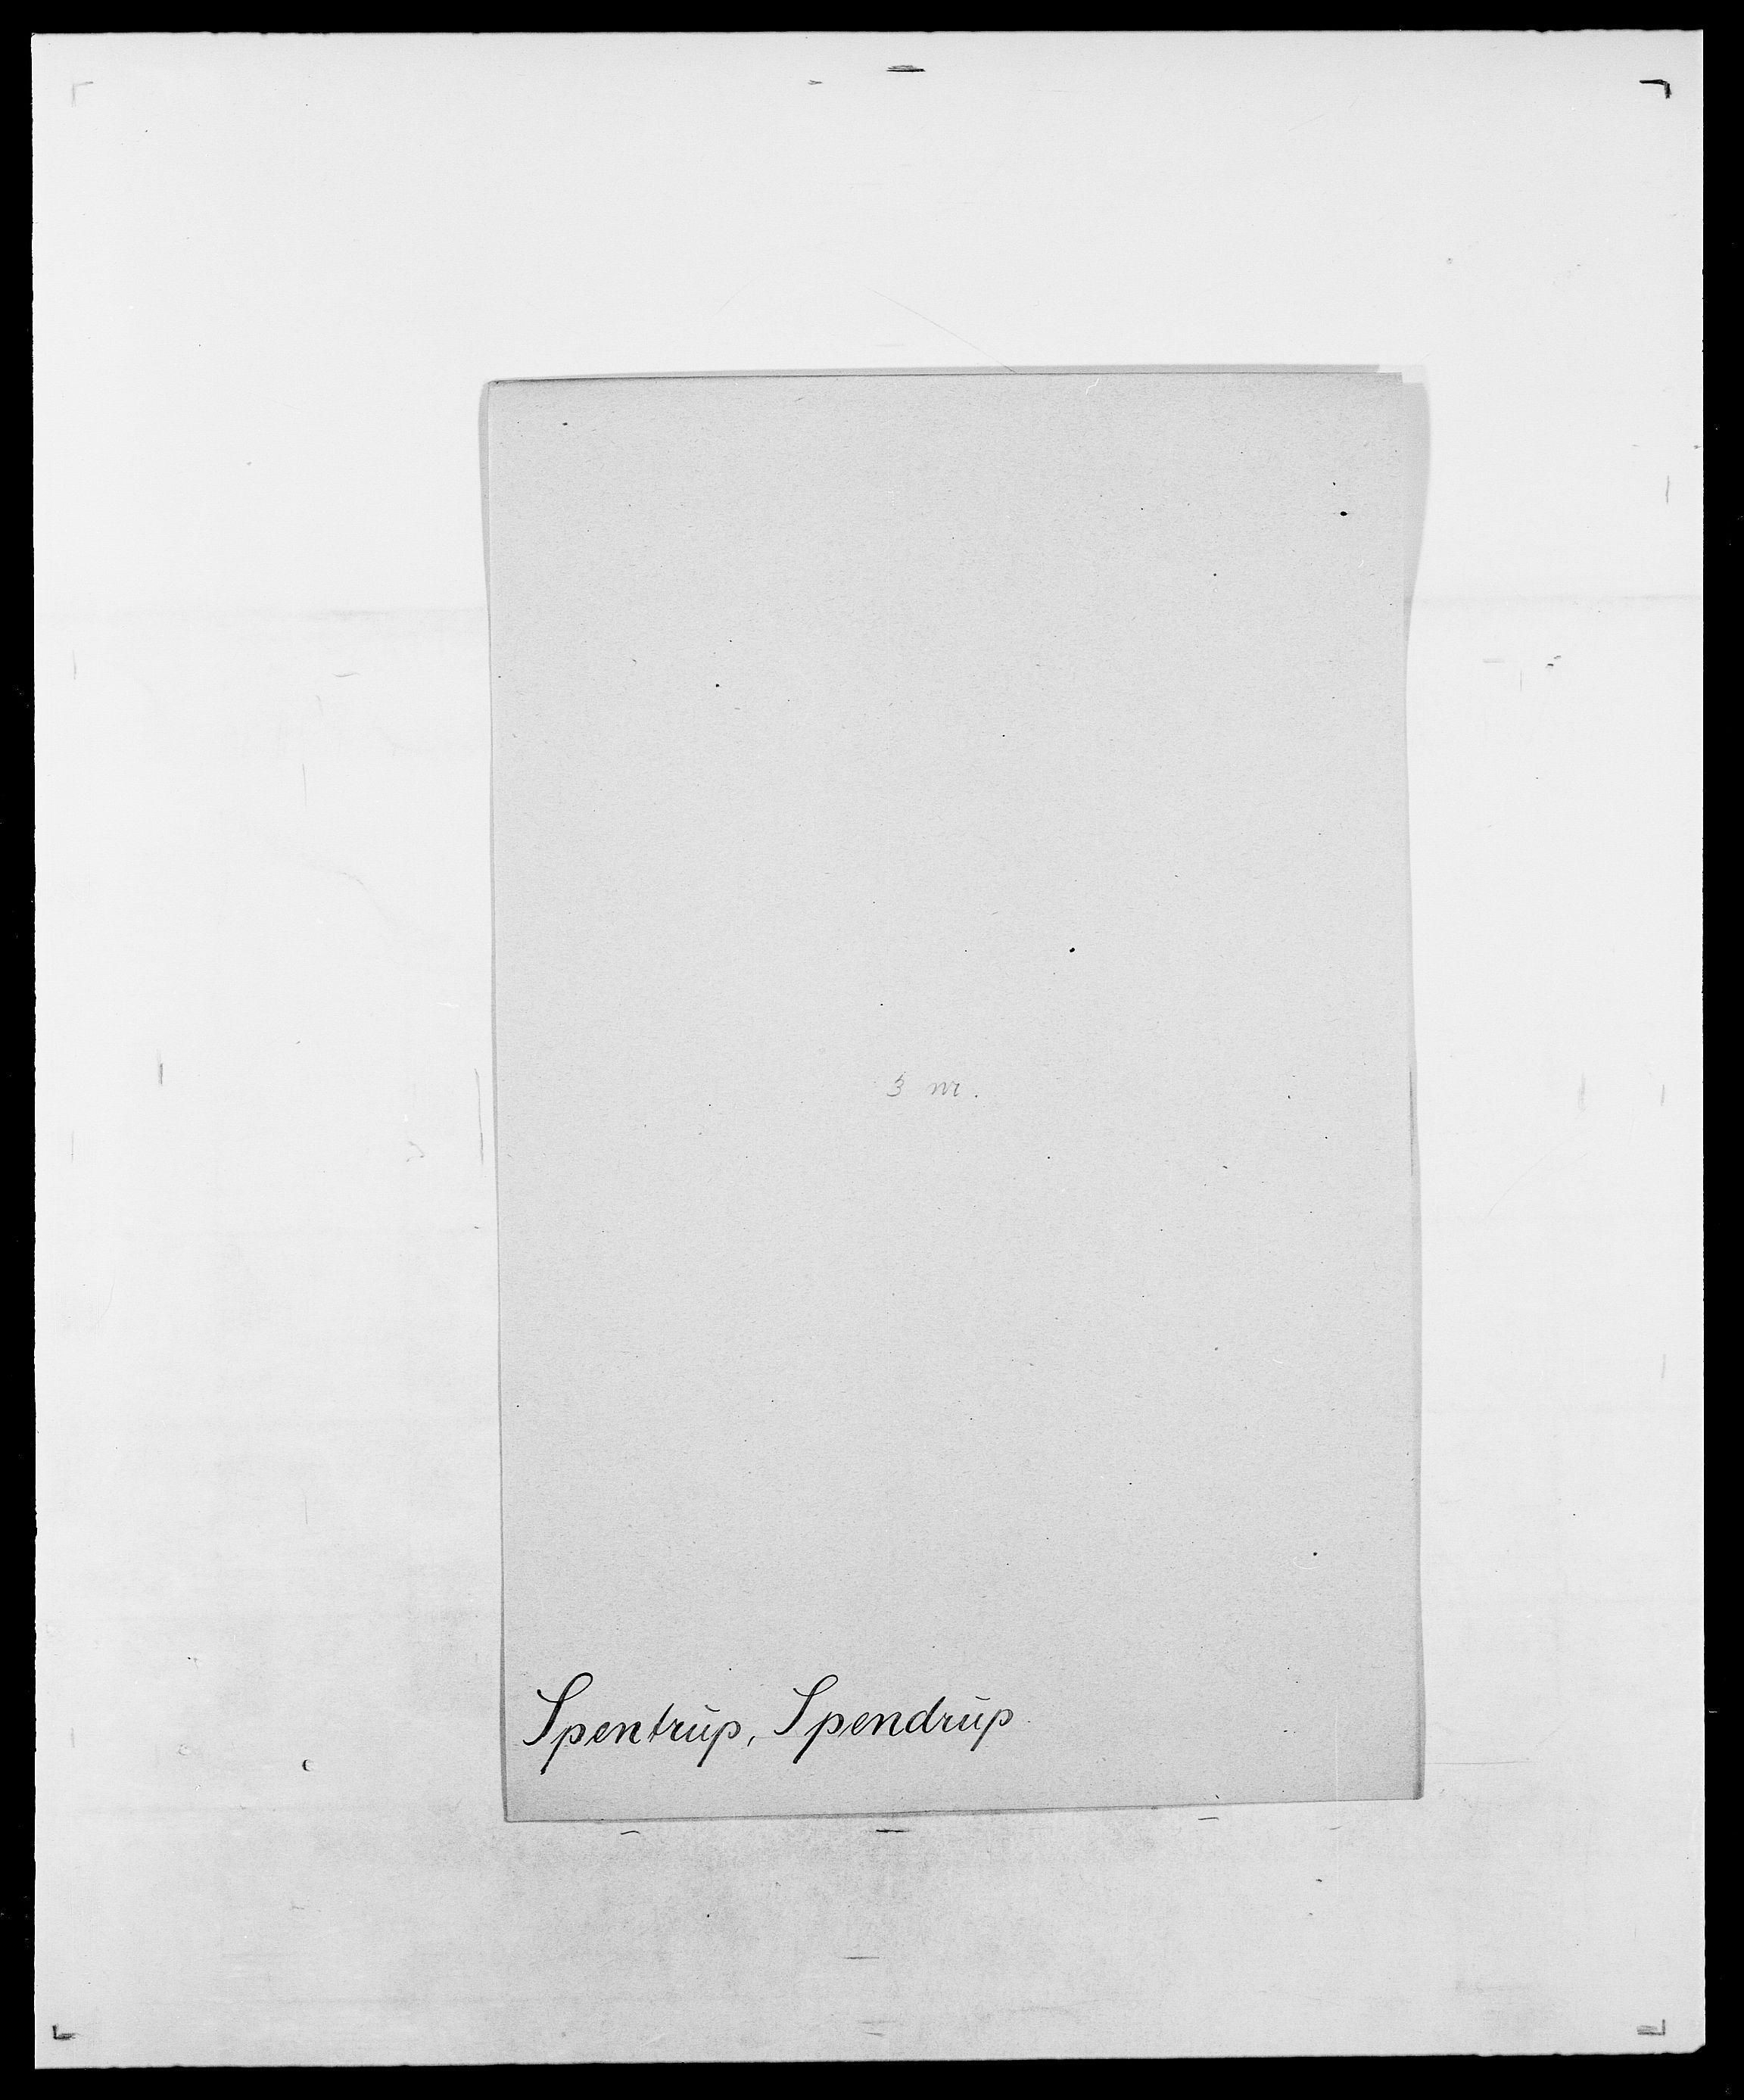 SAO, Delgobe, Charles Antoine - samling, D/Da/L0036: Skaanør - Staverskov, s. 537